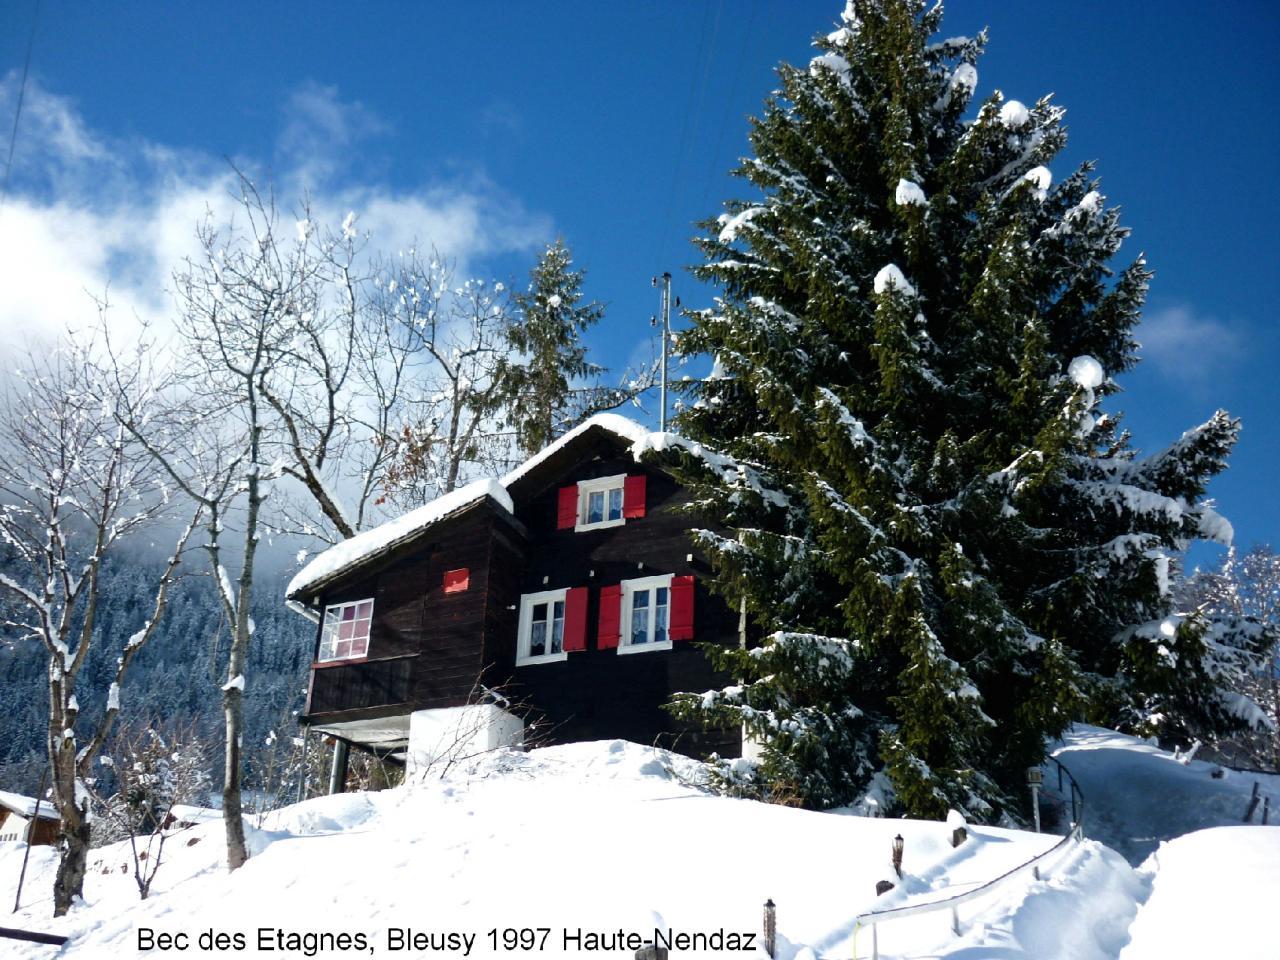 Vacances, alpes Valaisannes (Suisse)